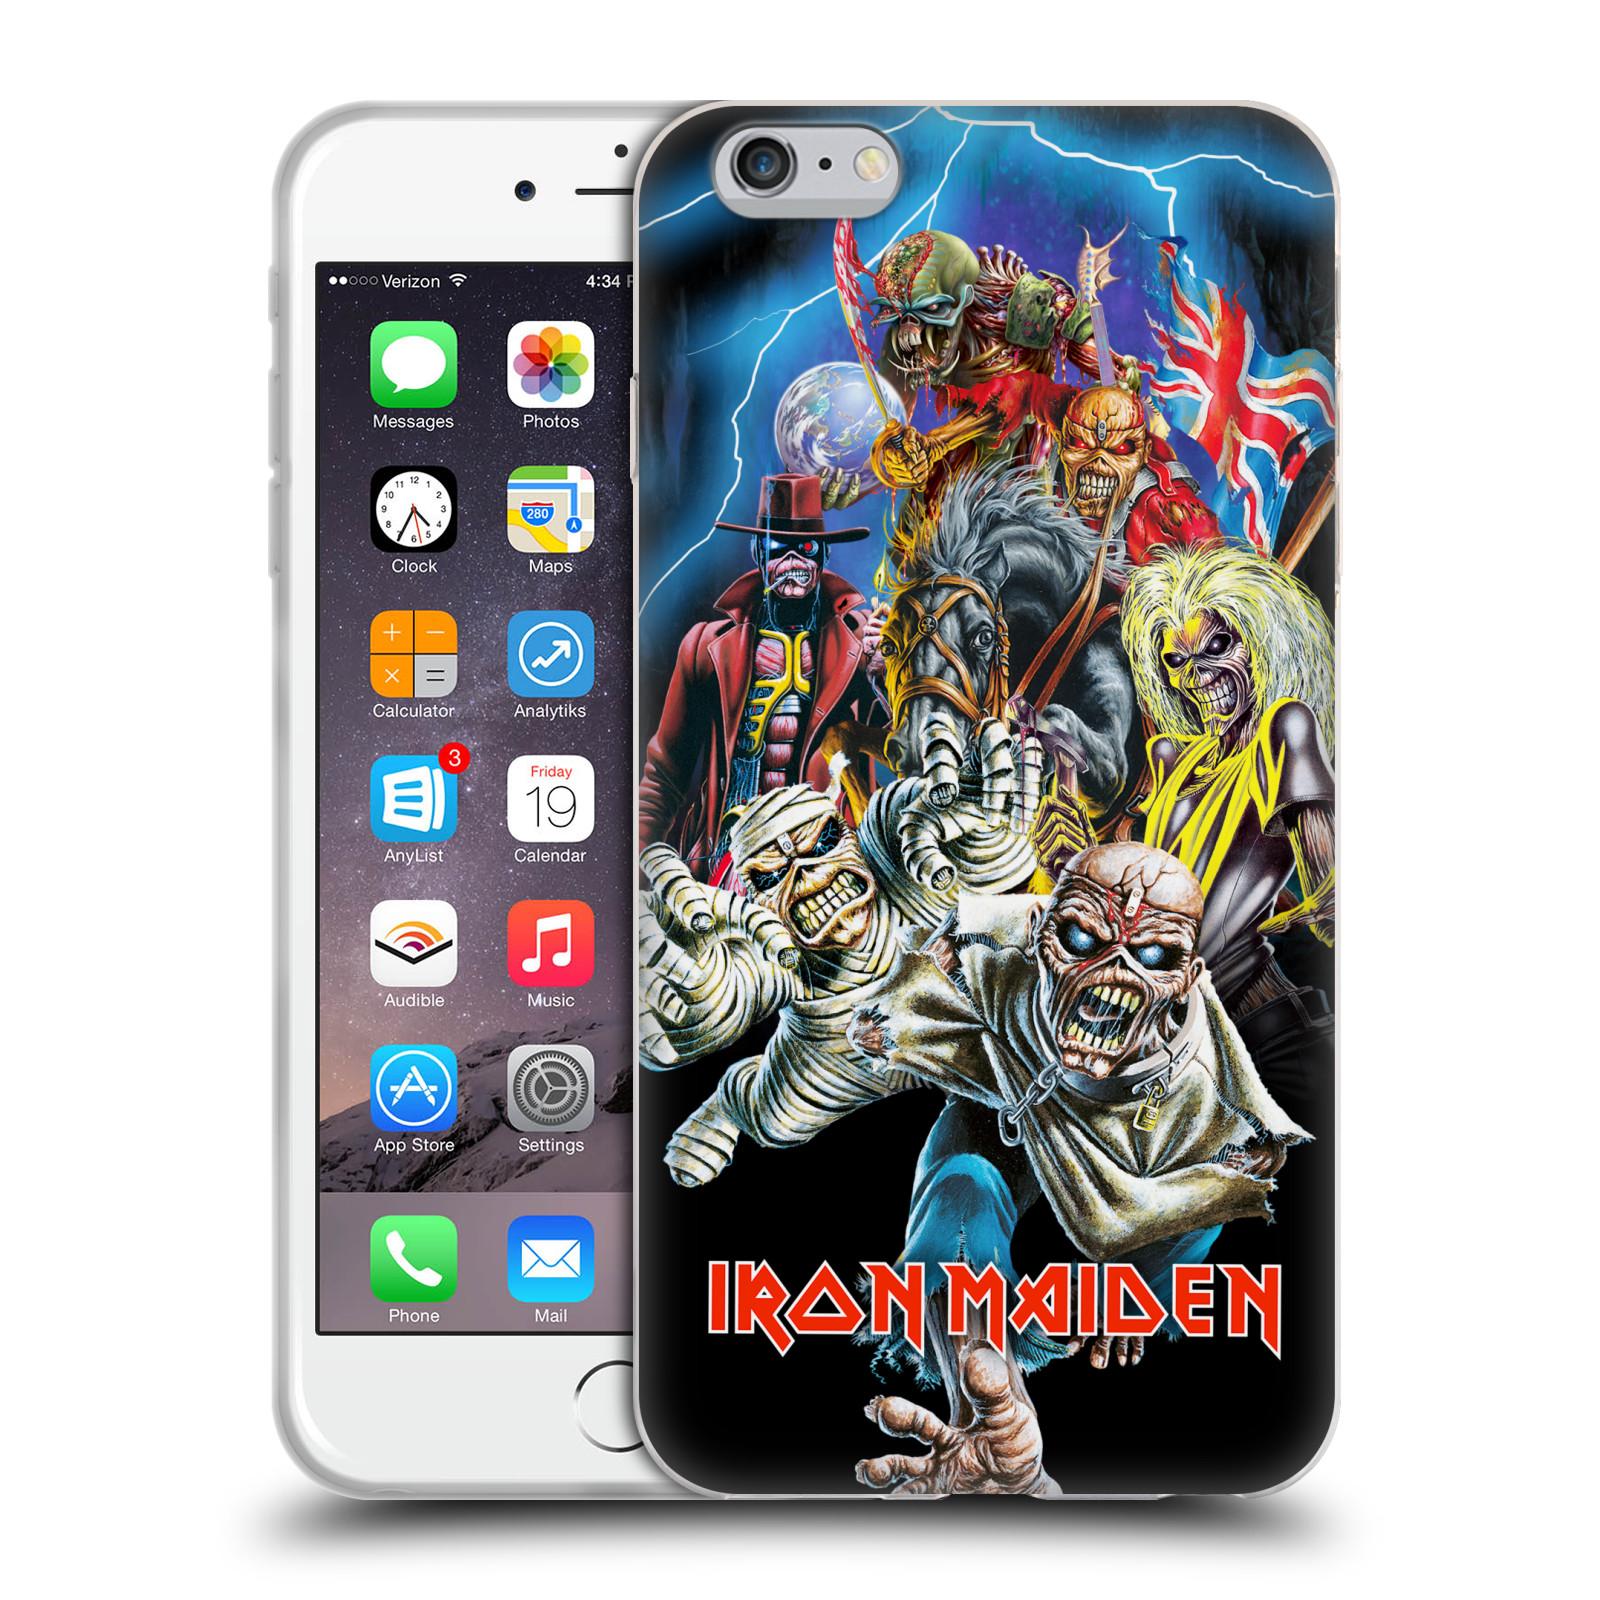 Silikonové pouzdro na mobil Apple iPhone 6 Plus HEAD CASE - Iron Maiden - Best Of Beast (Silikonový kryt či obal na mobilní telefon s licencovaným motivem Iron Maiden Apple iPhone 6 Plus)